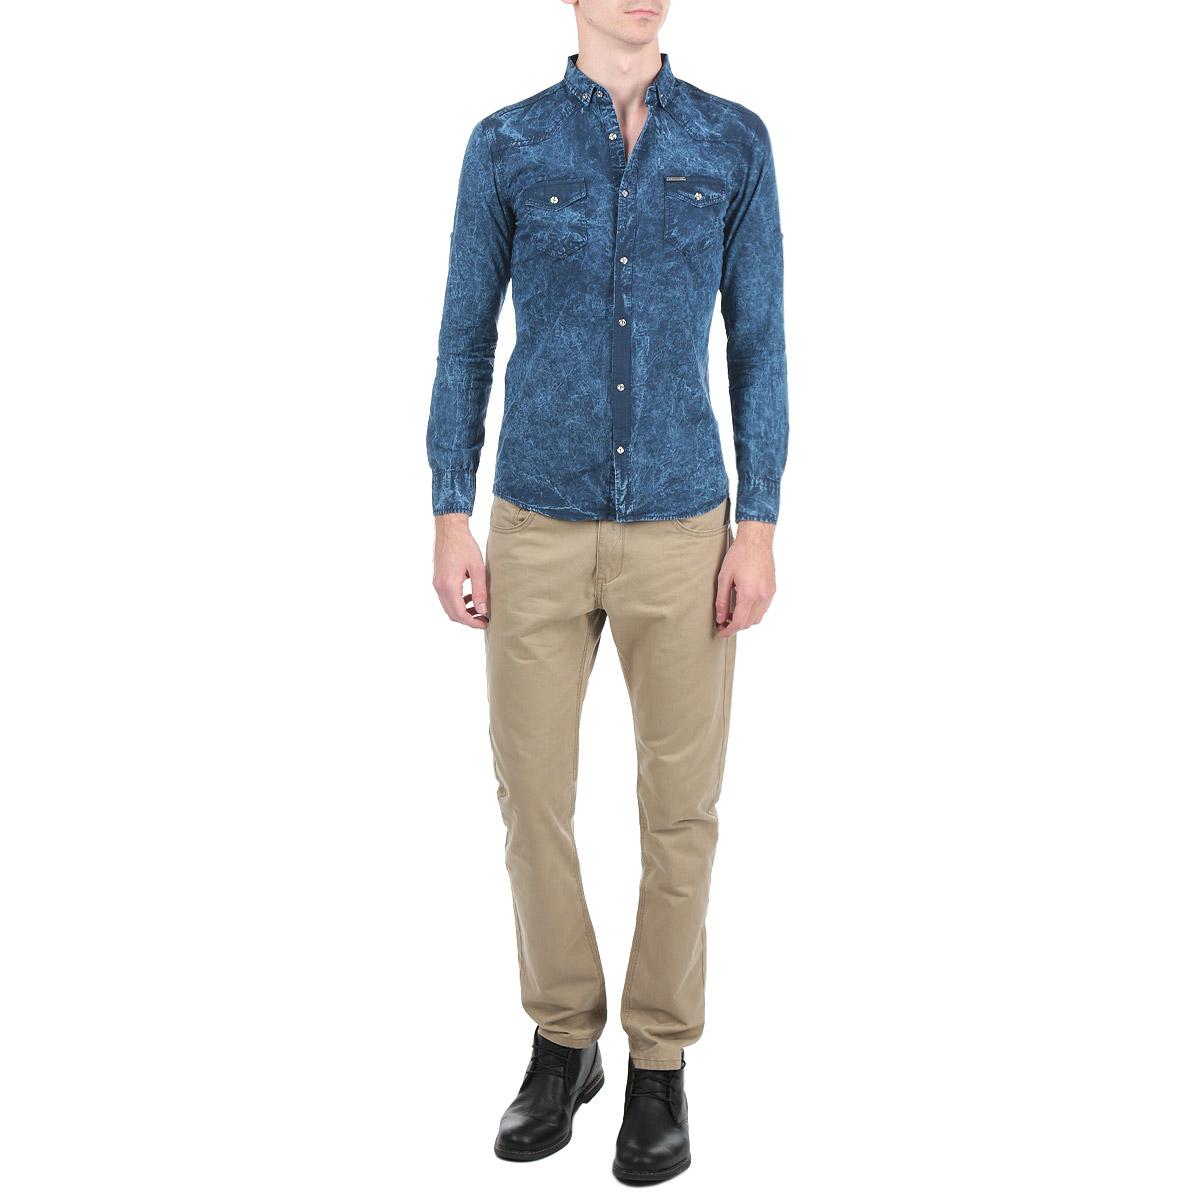 Рубашка мужская Rodney, цвет: деним. 1022_24. Размер L (50)1022_24Мужская рубашка Rodney, выполненная из высококачественного 100% хлопка, обладает высокой теплопроводностью, воздухопроницаемостью и гигроскопичностью, позволяет коже дышать, тем самым обеспечивая наибольший комфорт при носке. Модель прямого кроя с отложным воротником, длинными рукавами и полукруглым низом застегивается на пуговицы. Рубашка оформлена оригинальным принтом и на груди дополнена накладными карманами с клапанами на пуговицах. Рукава при желании можно подвернуть до локтя и зафиксировать при помощи хлястиков на пуговицах. Такая рубашка подчеркнет ваш вкус и поможет создать великолепный стильный образ.